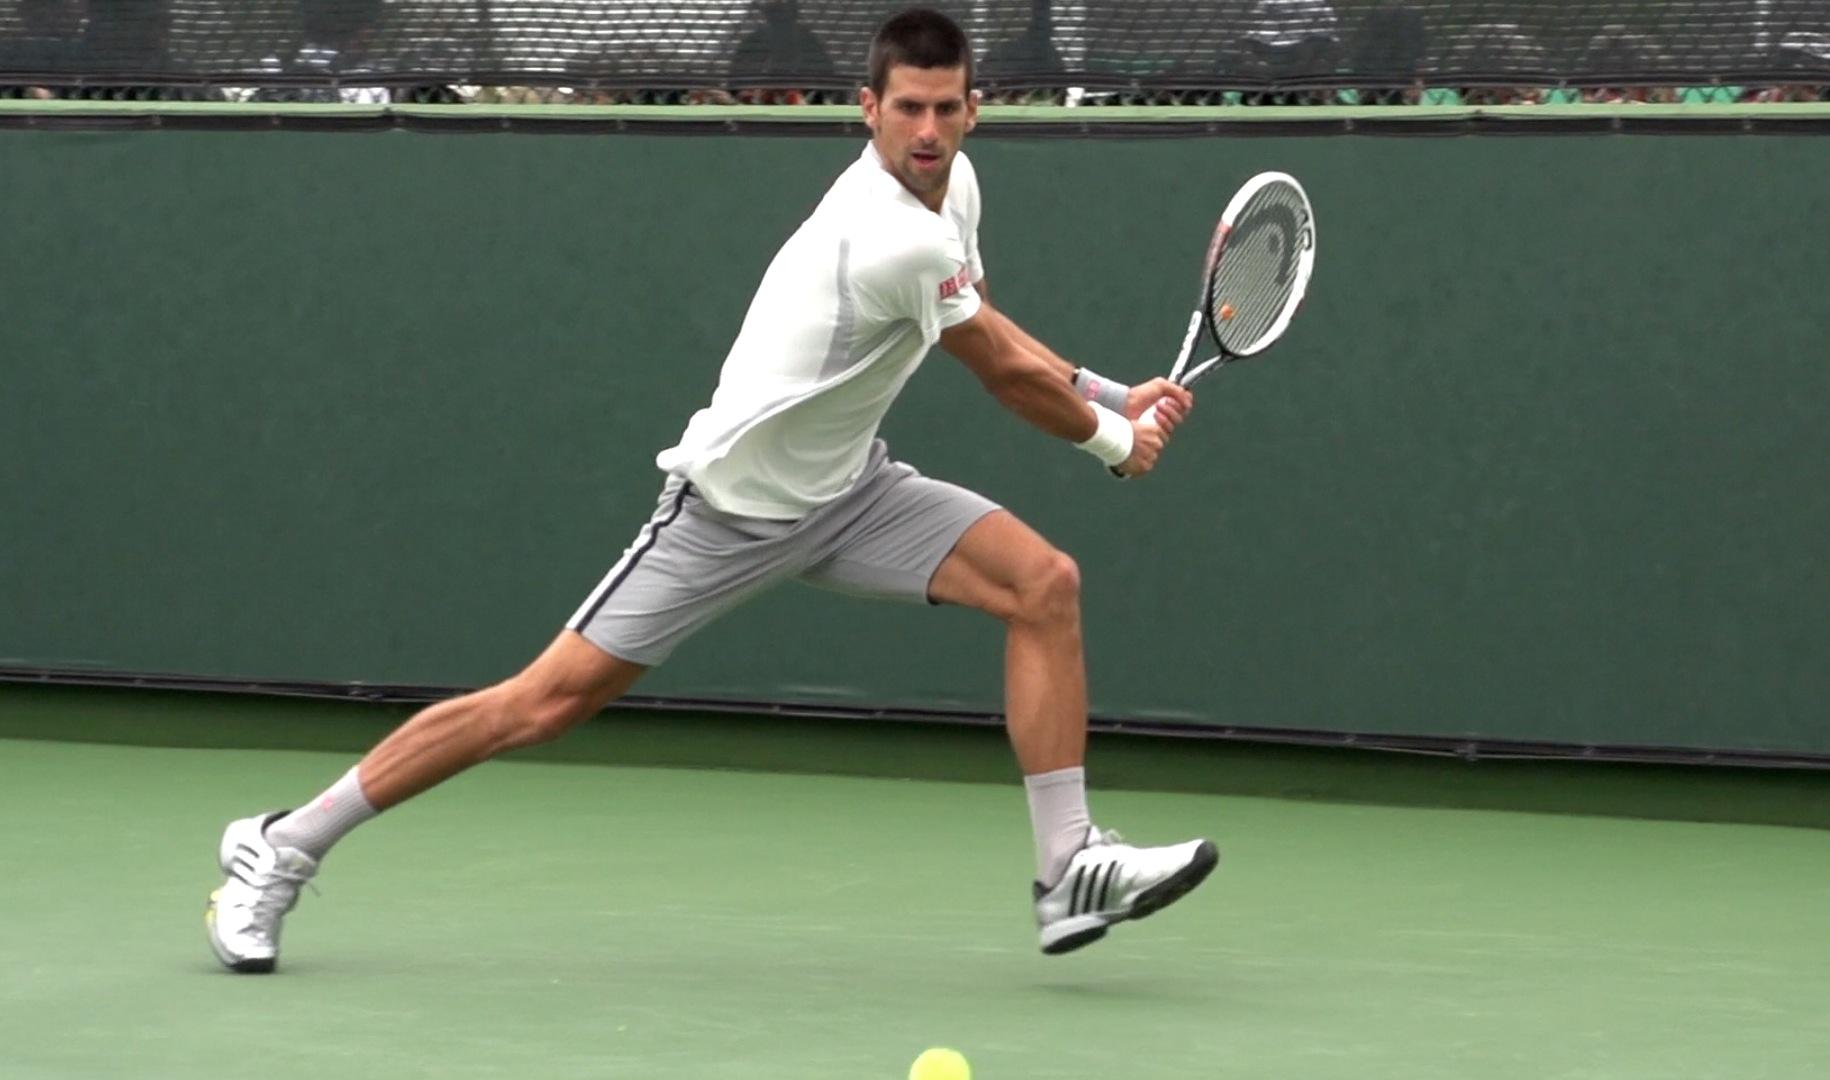 Novak Djokovic in Super Slow Motion